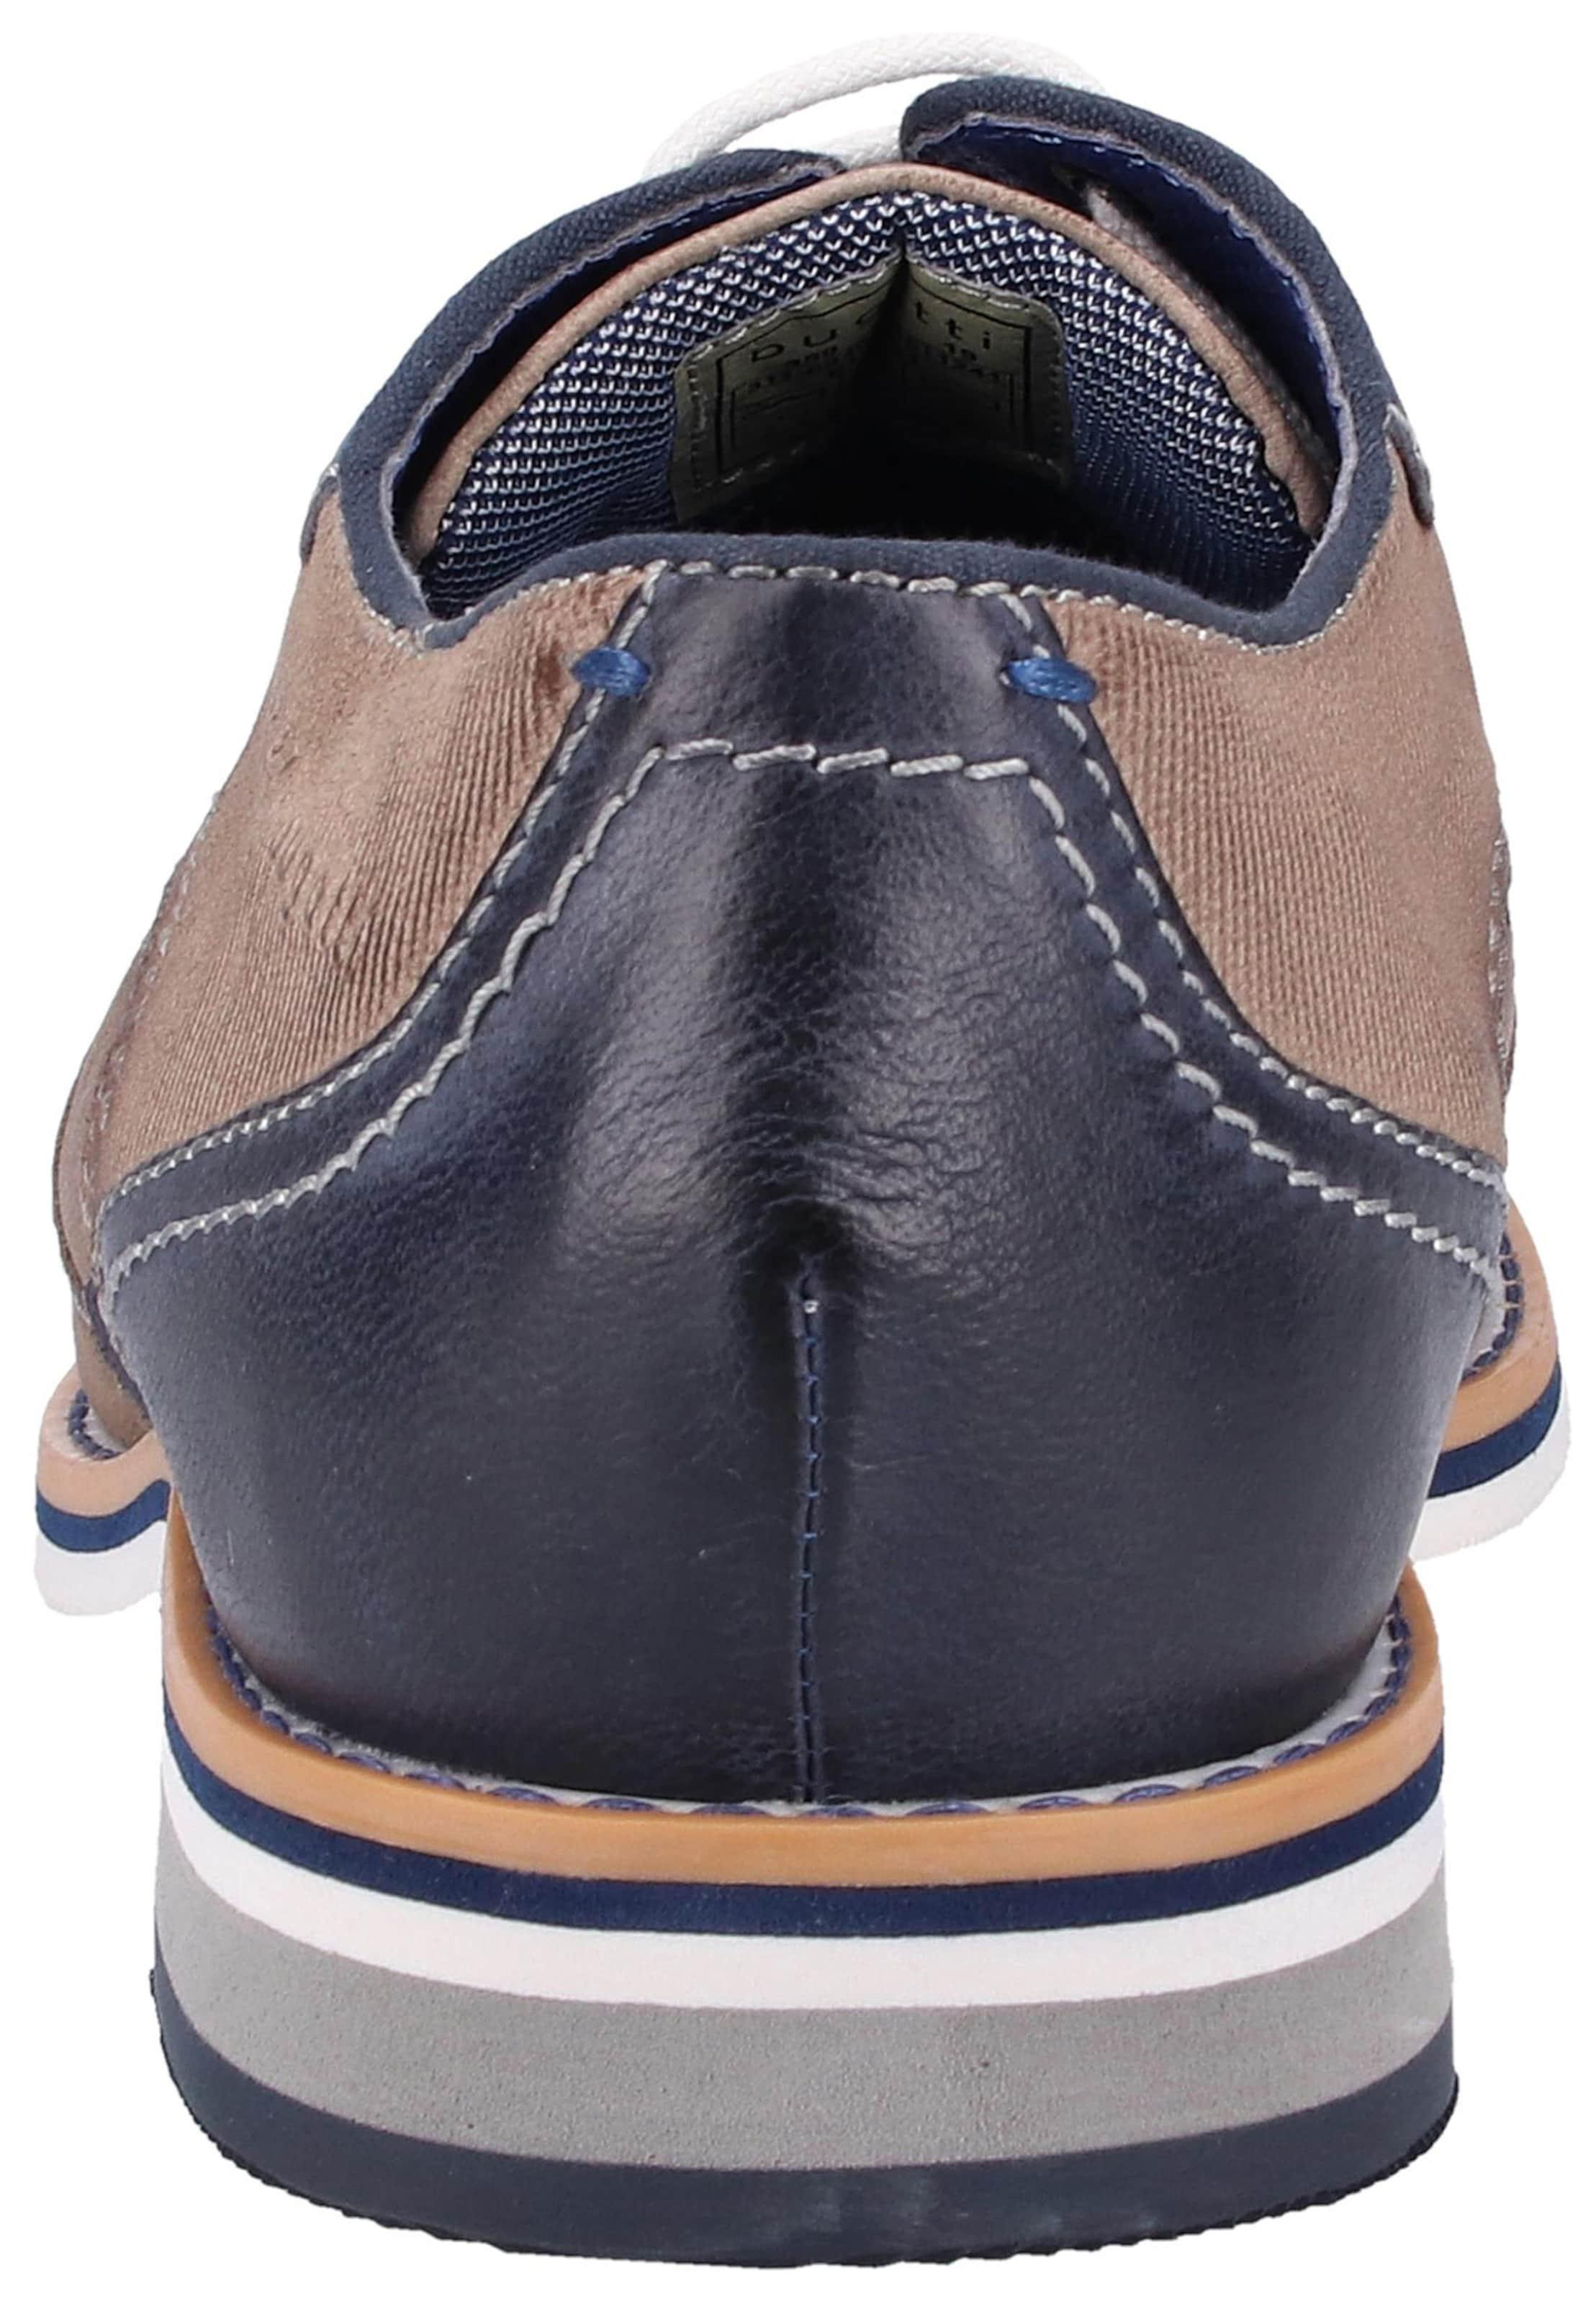 À Chaussure En Bugatti Lacets BleuGris hdstQrC